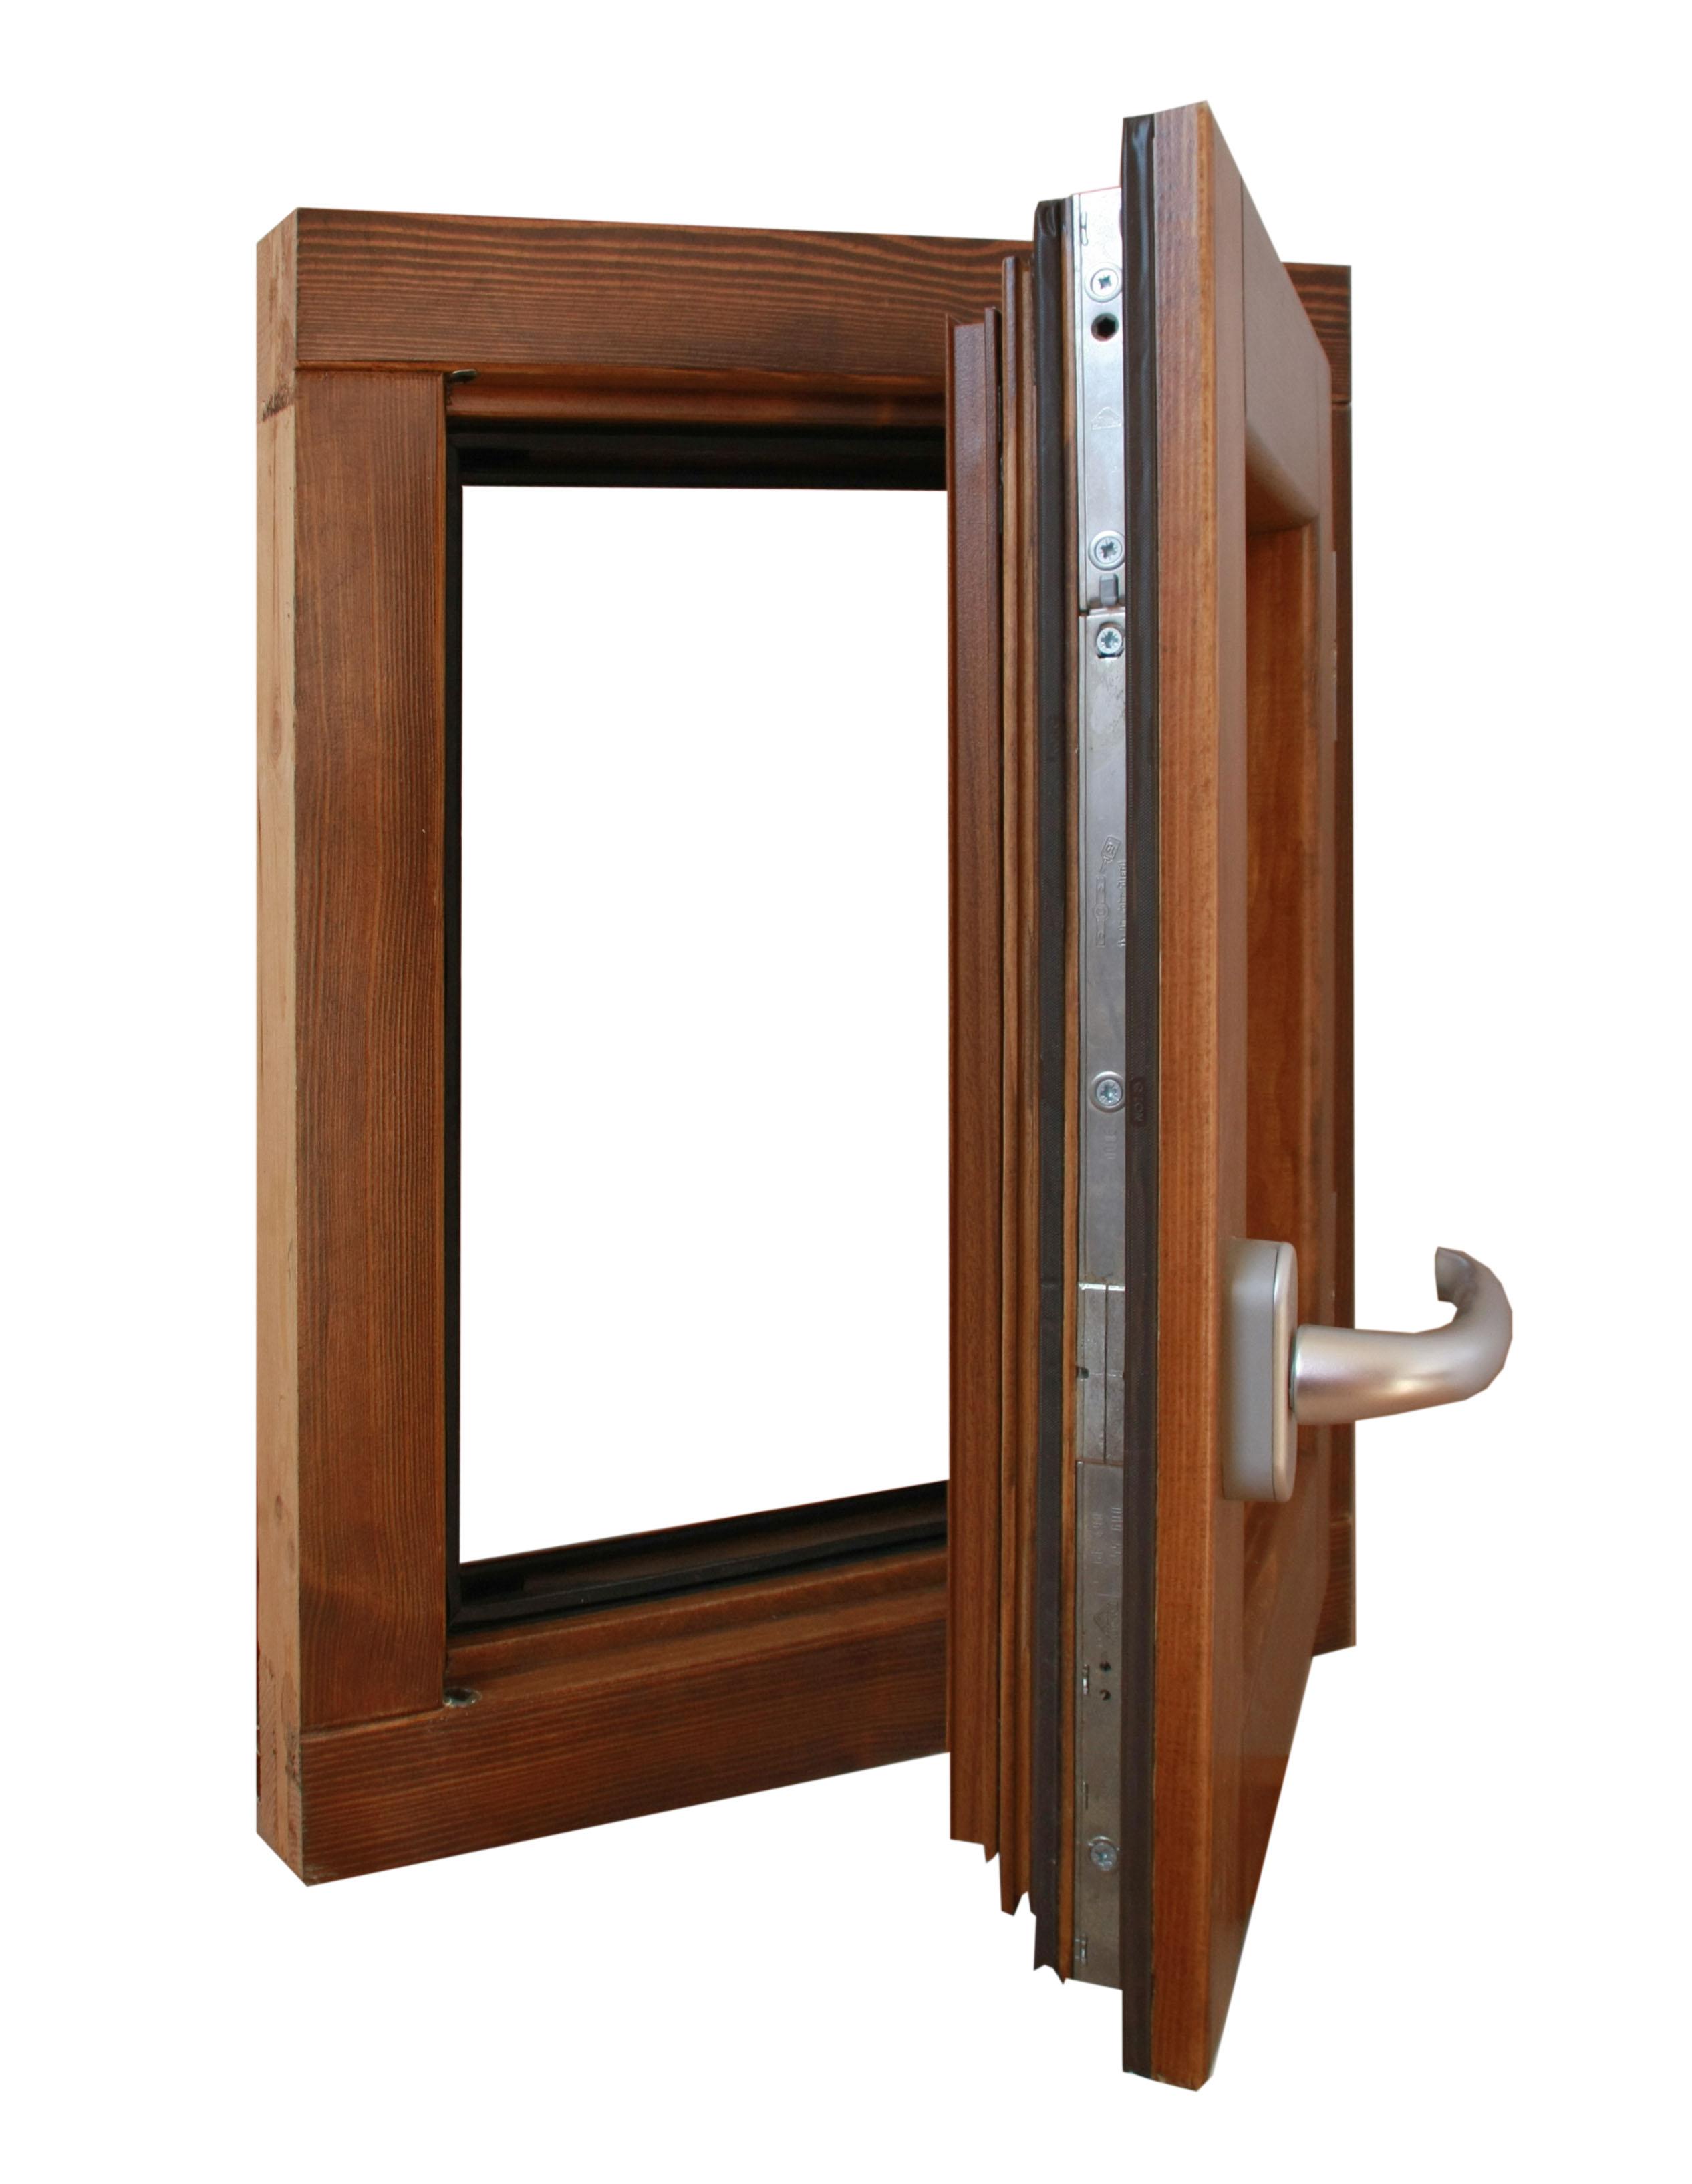 Ventanas europeas ventanas a medida montaje de ventanas for Perfiles de aluminio para ventanas precios